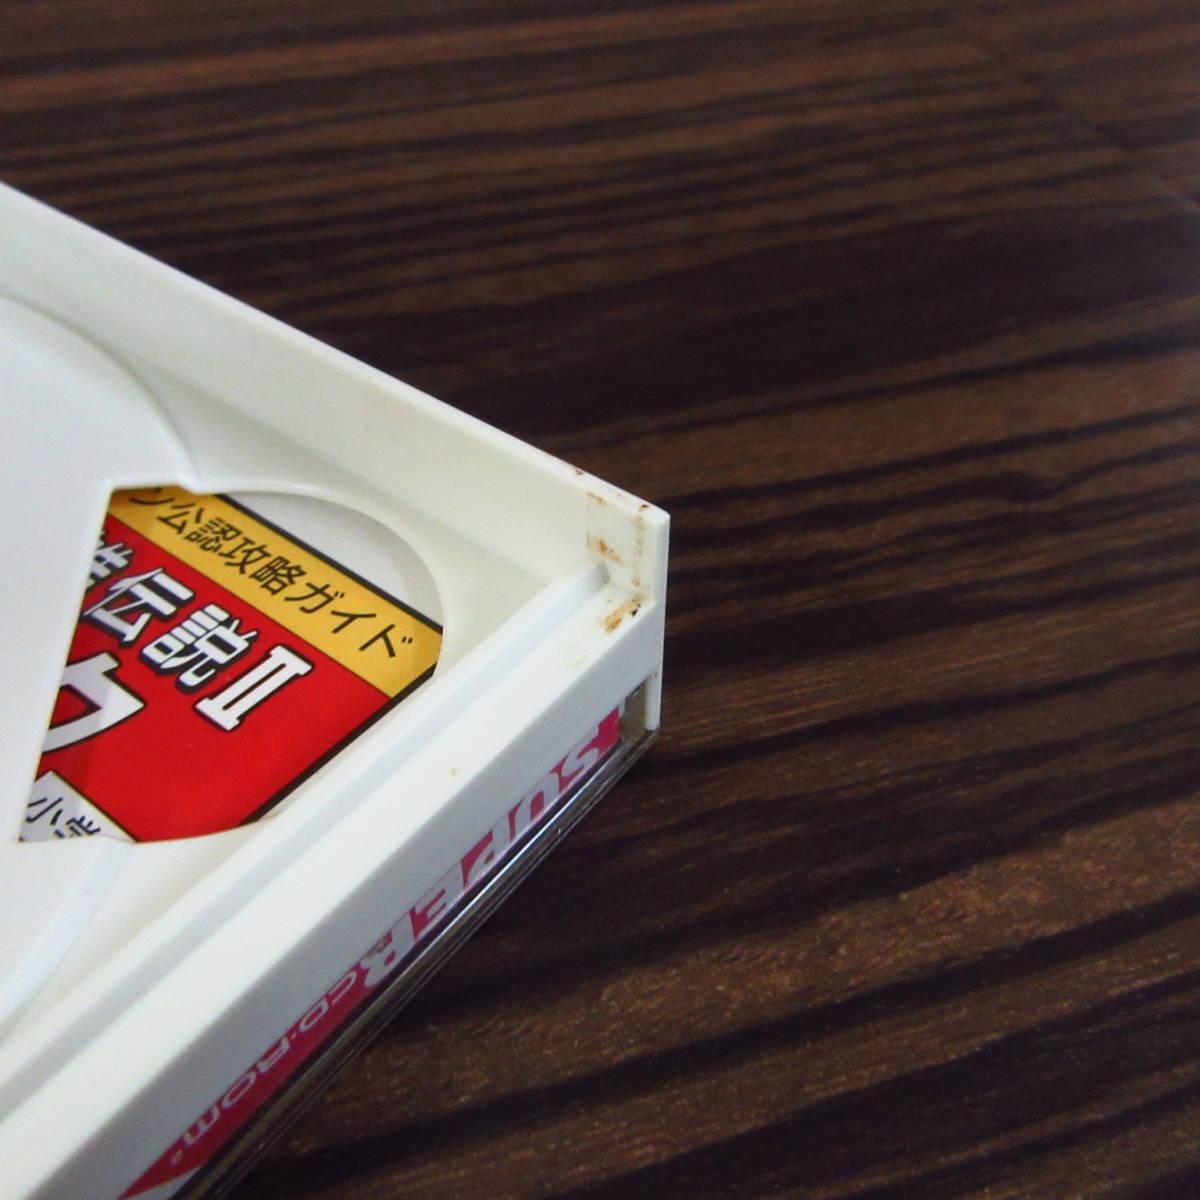 レトロ PCエンジンソフト 7本セット CDROM イースⅠ・Ⅱ スーパーダライアス サイドアーム・スペシャル 英湯伝説Ⅱ 他 【動作未確認】 東E_画像9